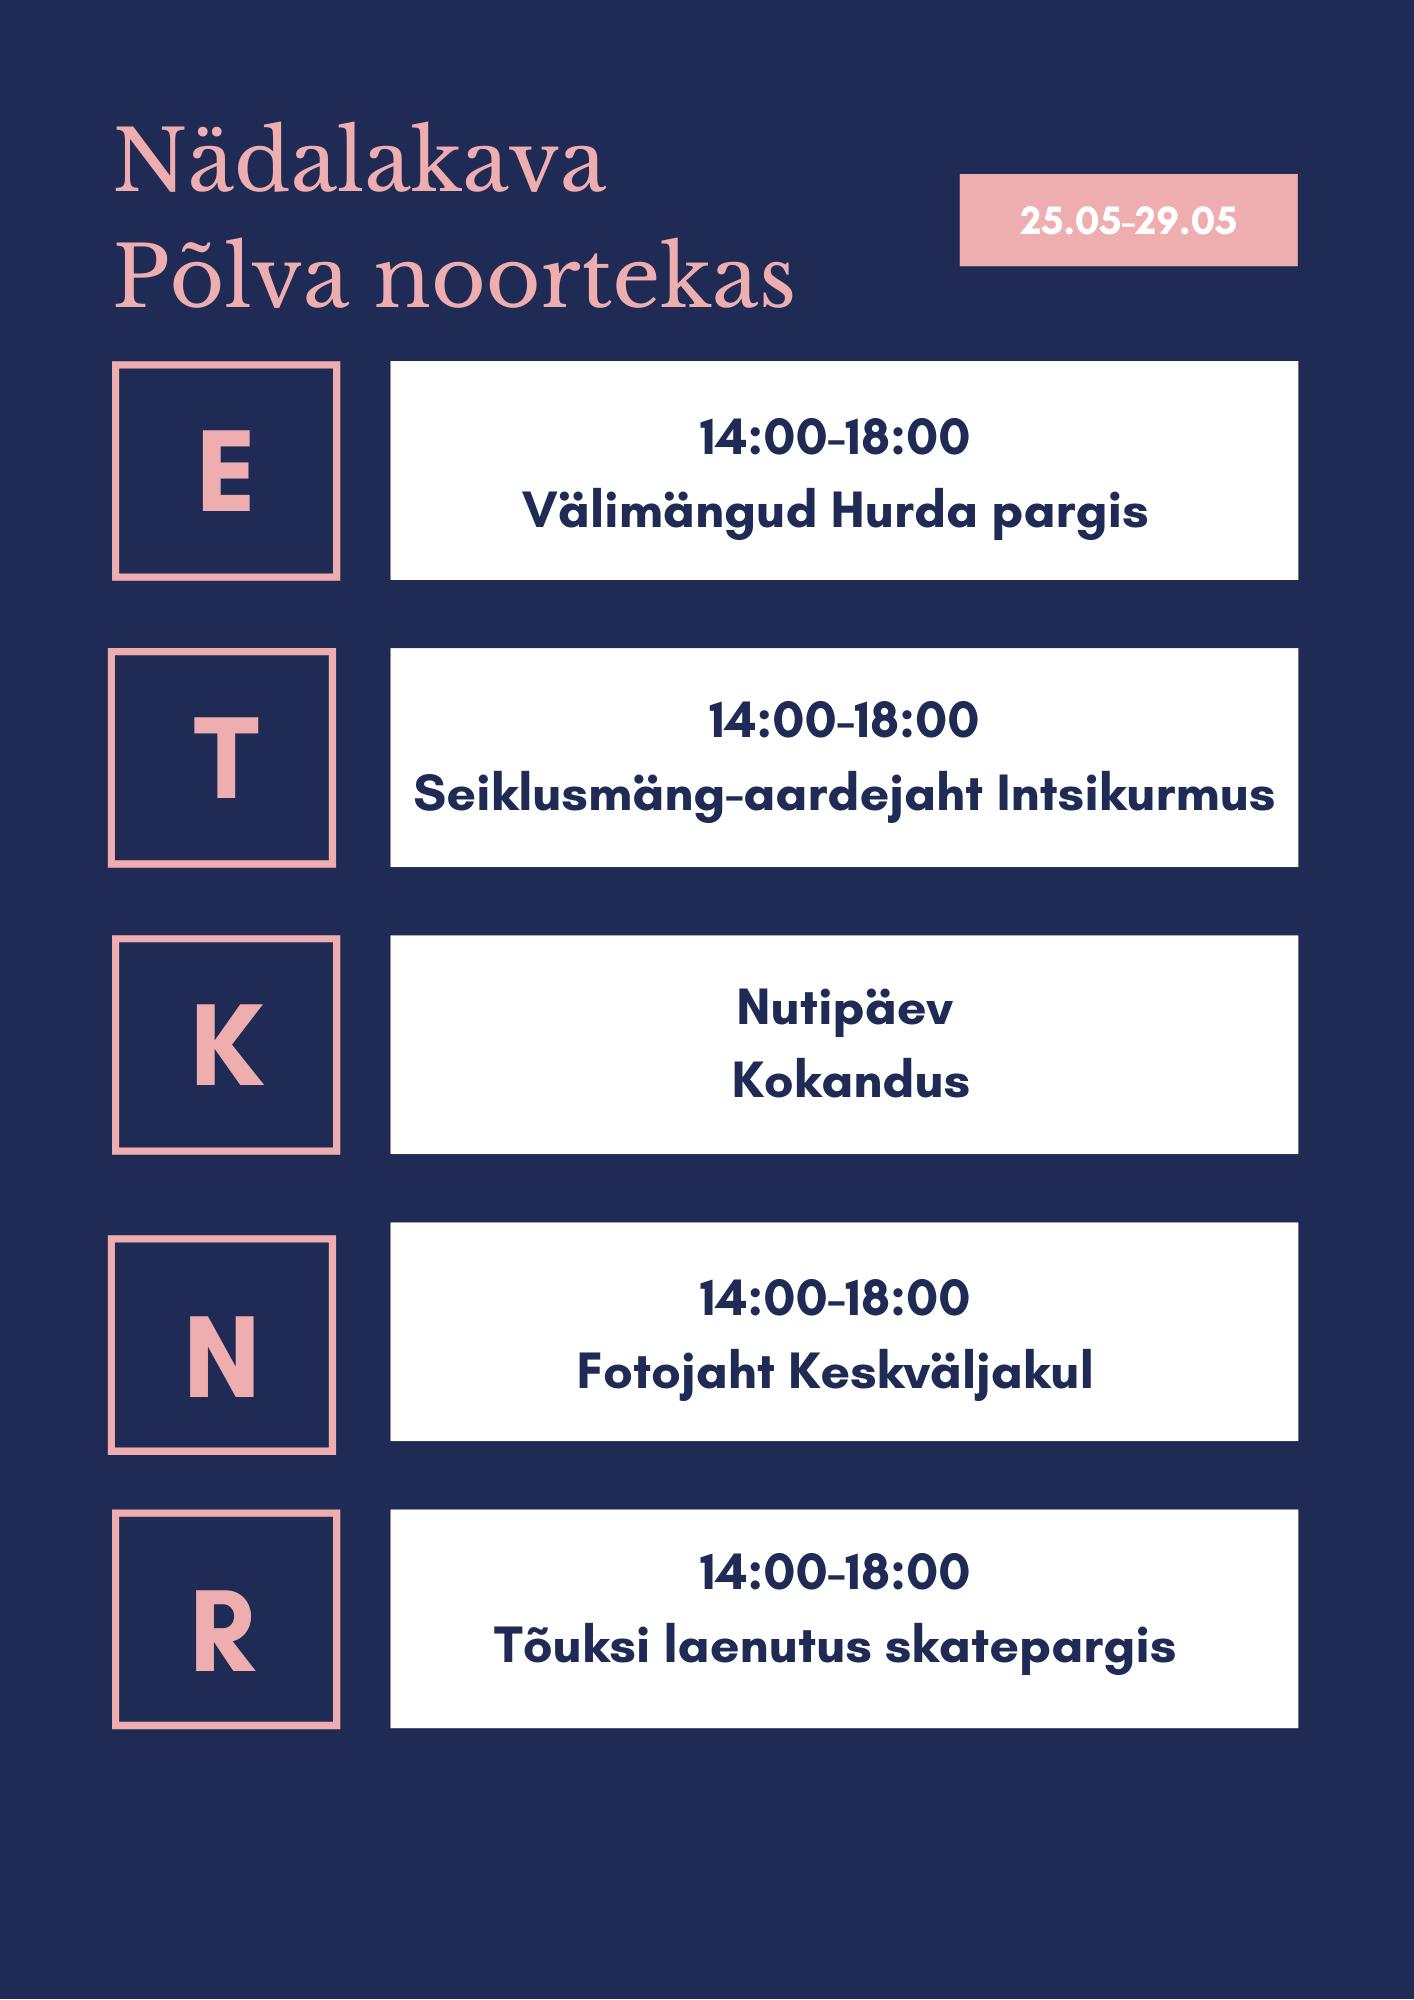 Põlva noortekeskuse tegevused 25.-31.05.2020